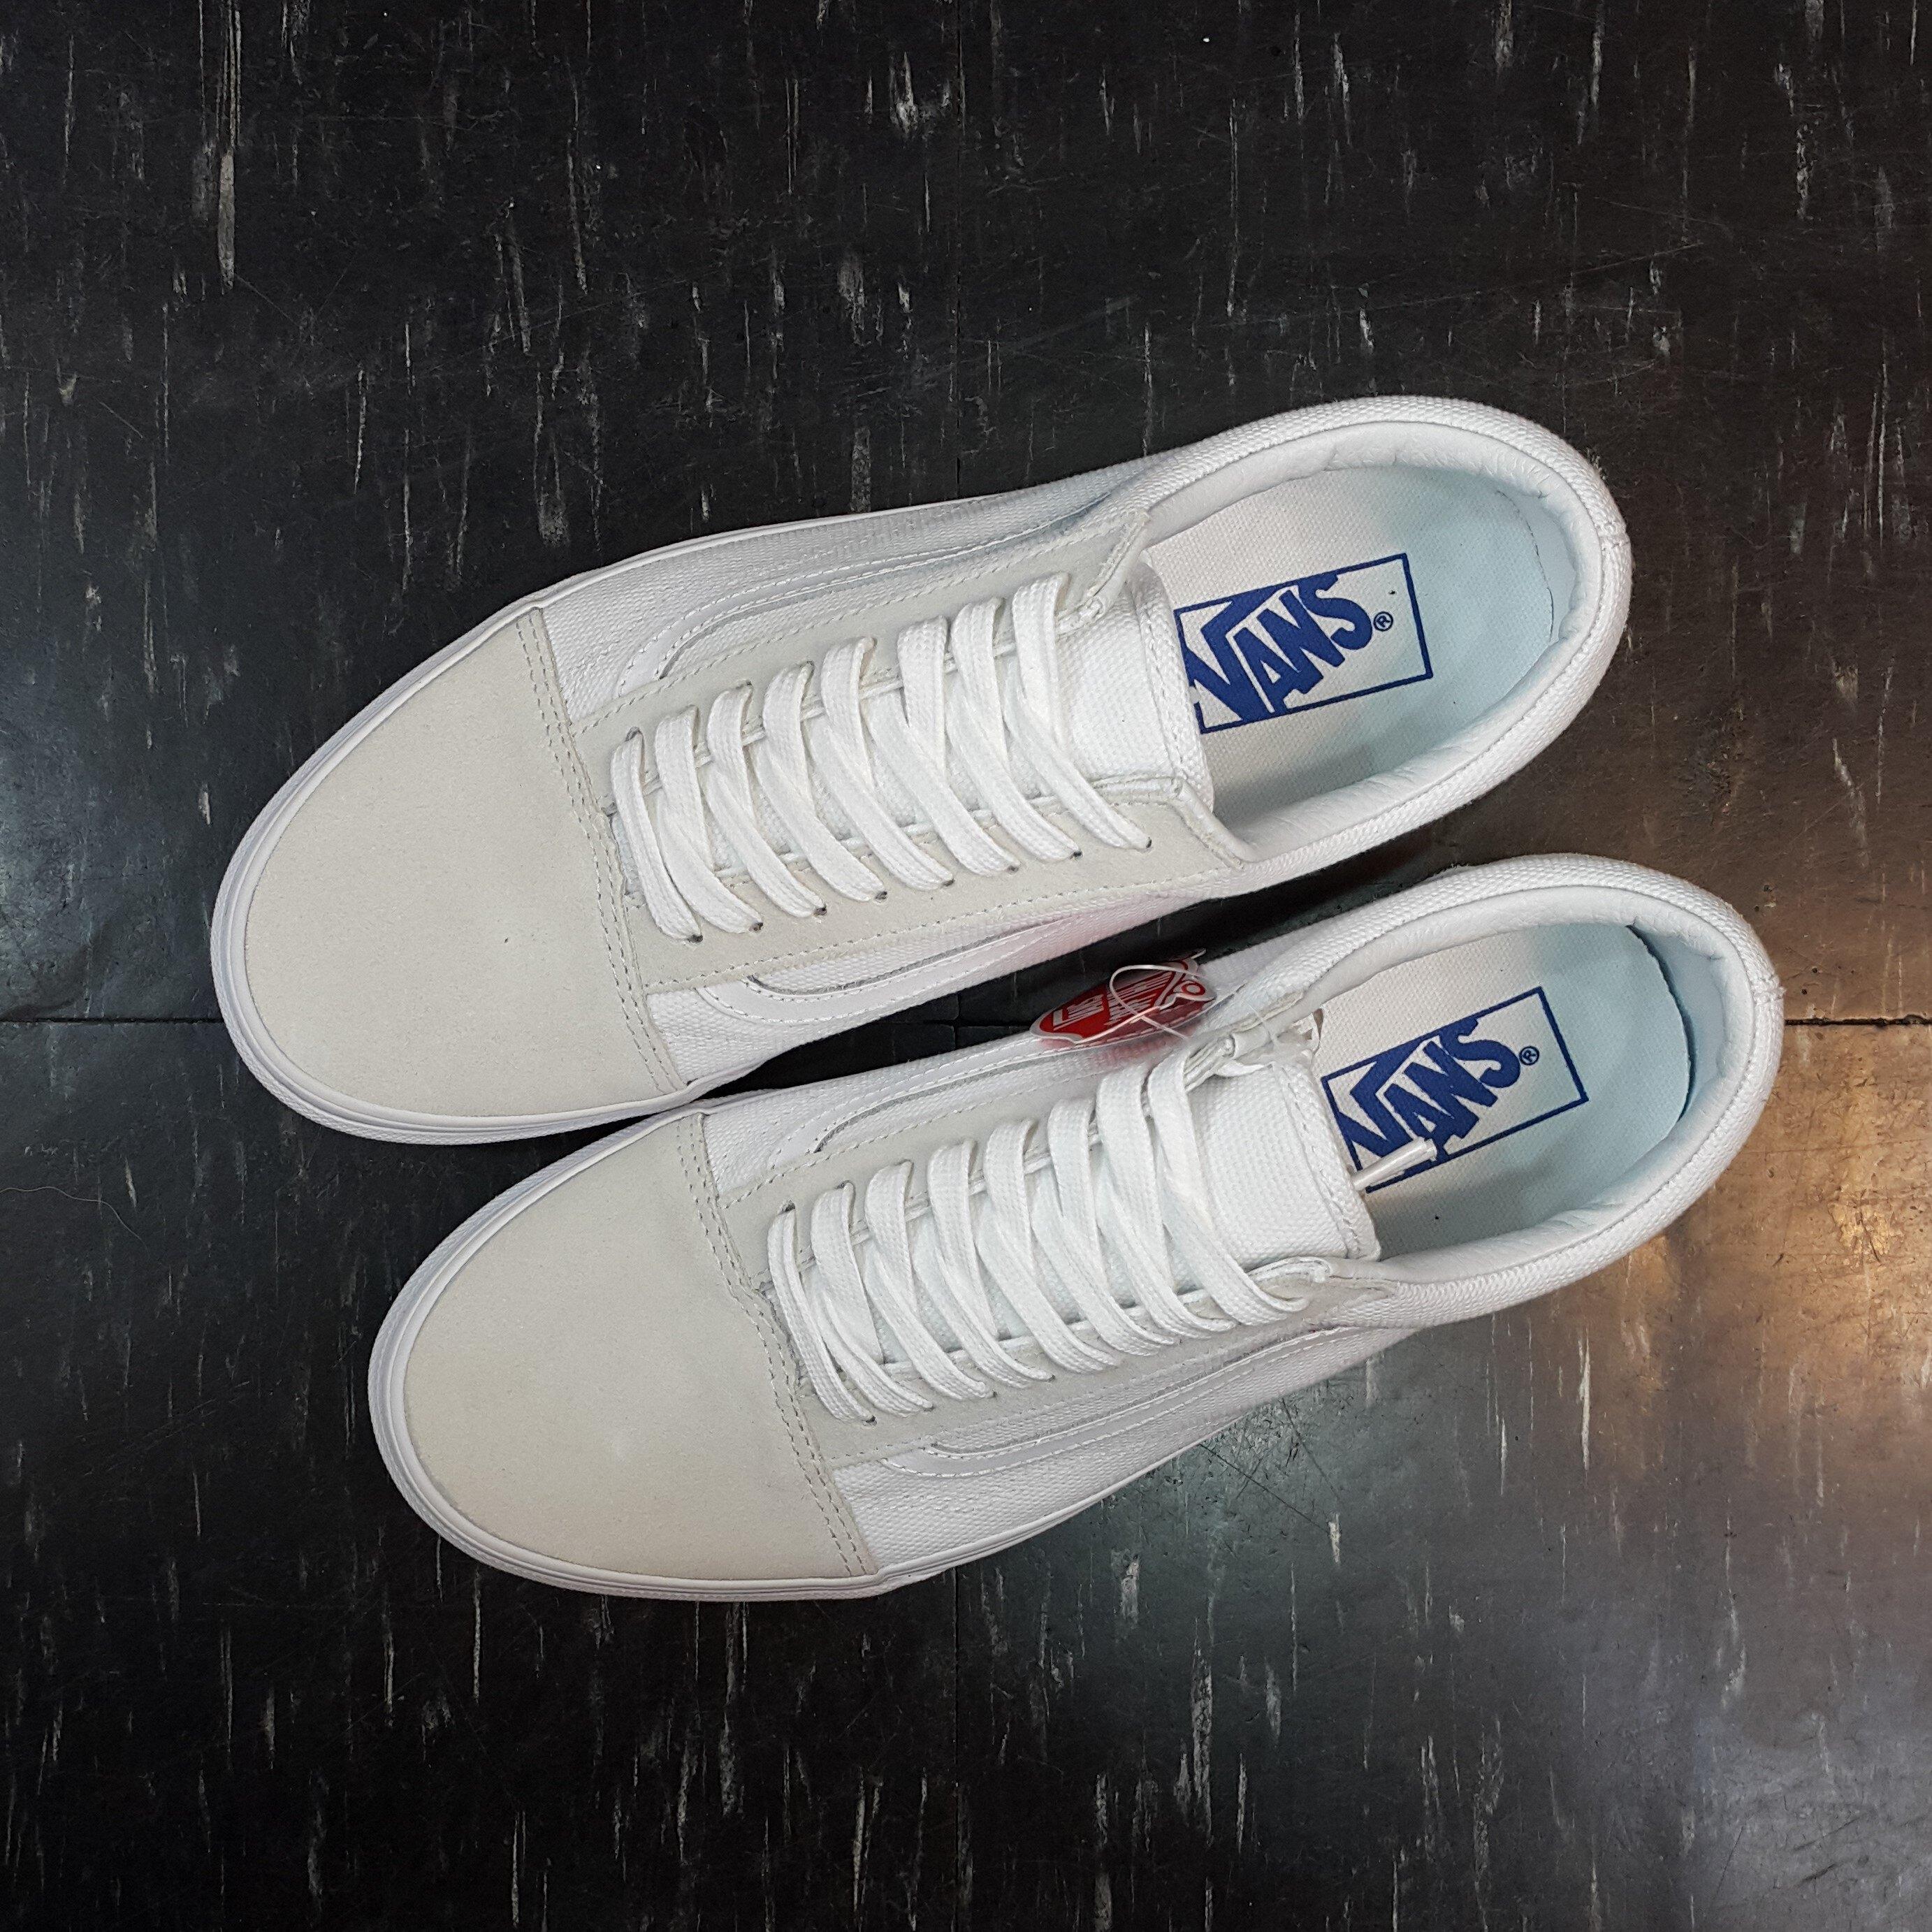 VANS Old Skool 白色 藍線 藍色 白藍 全白 帆布 麂皮 基本款 板鞋